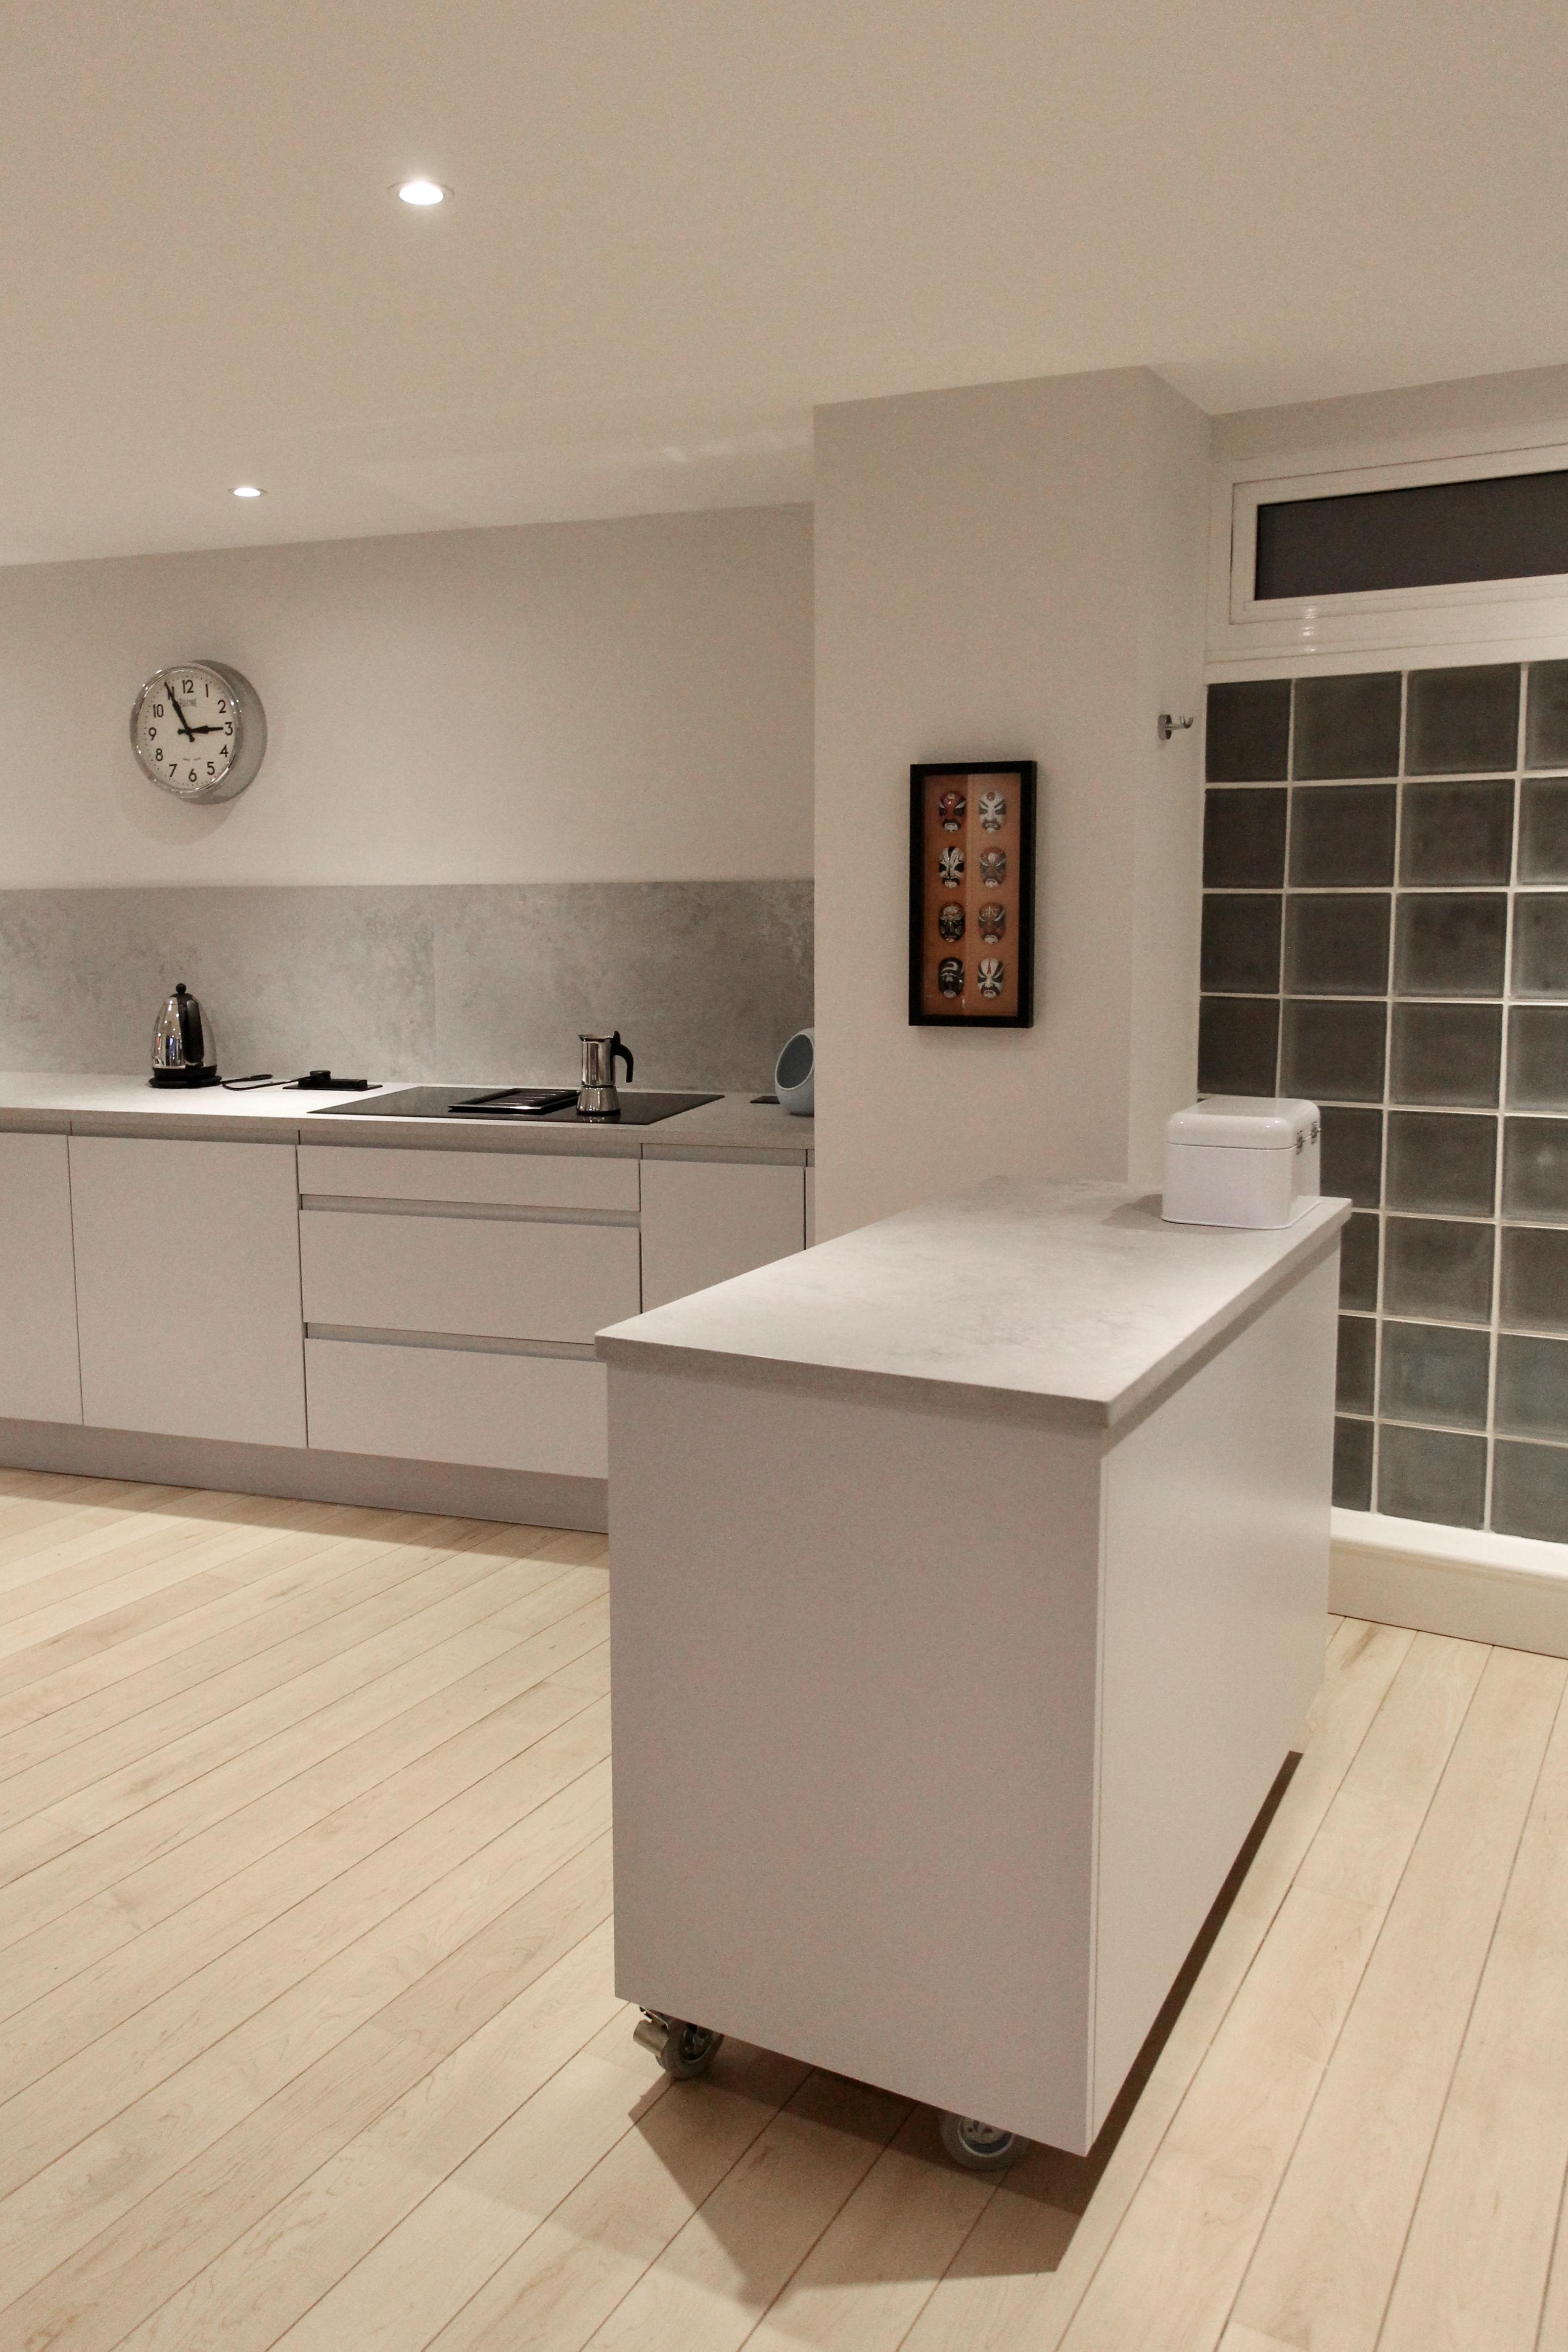 9. Clerkenwell kitchen